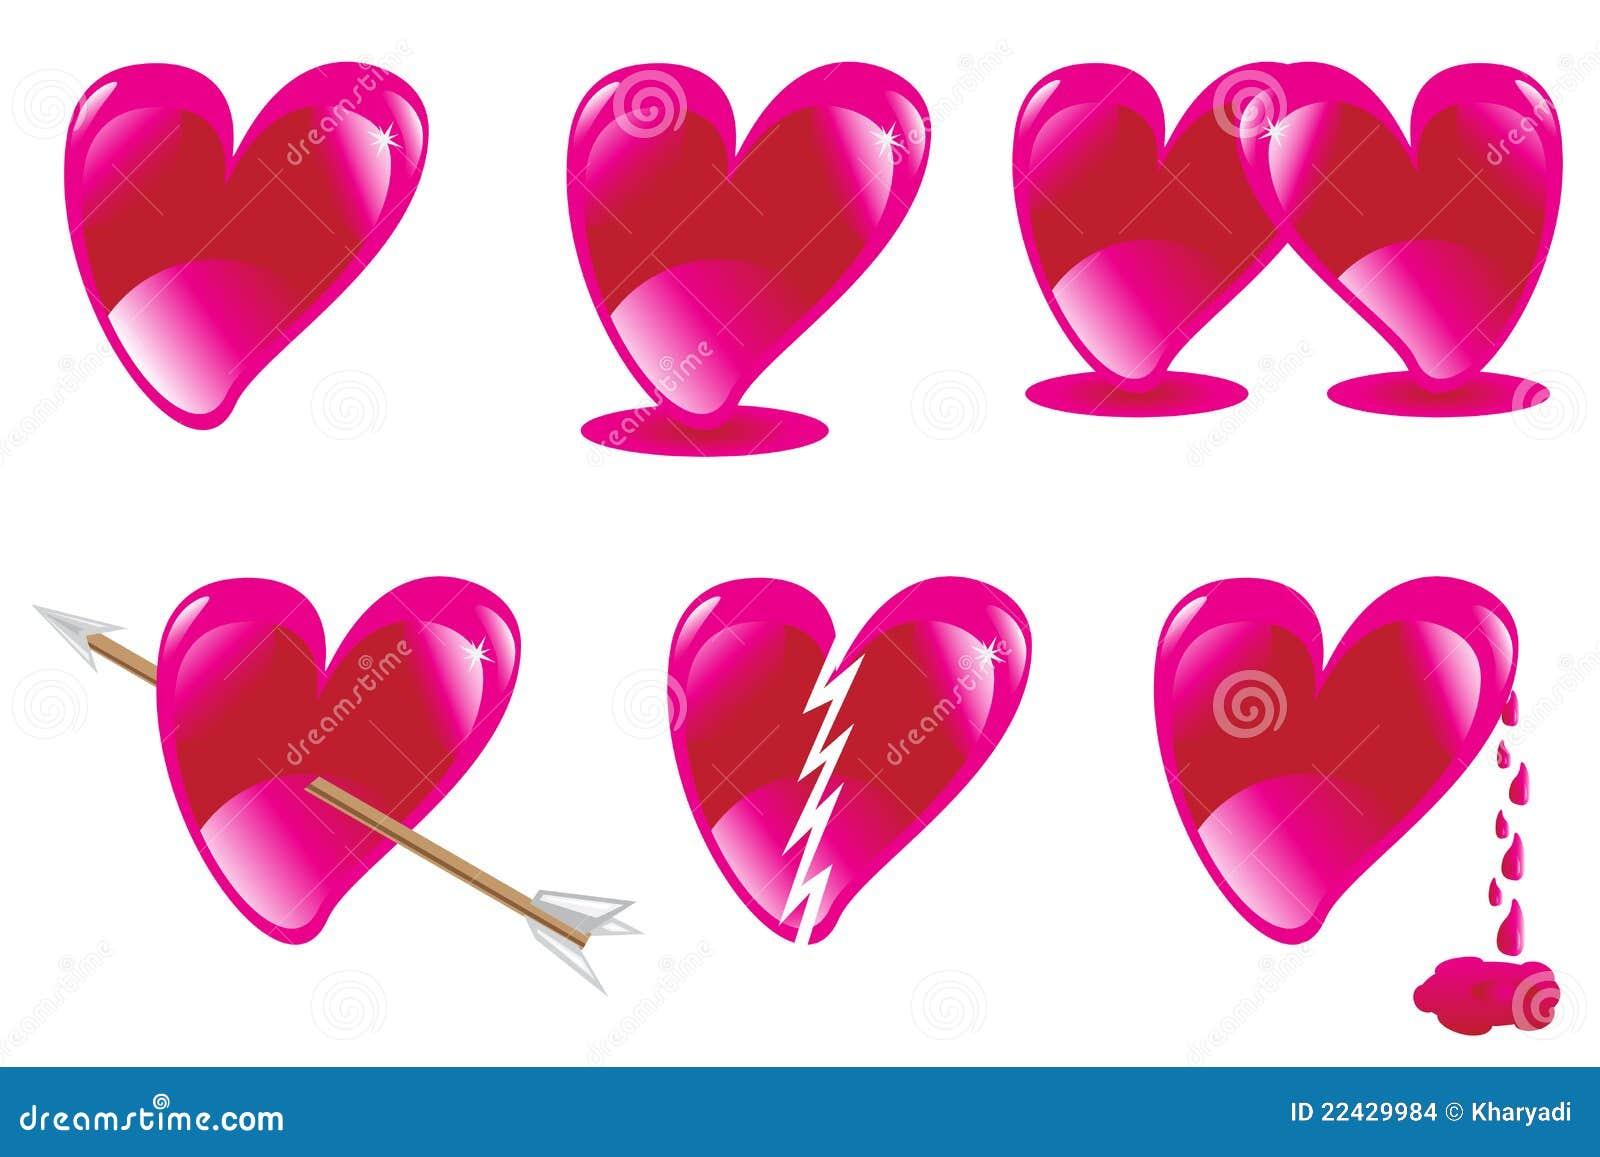 Broken Heart Symbol For Facebook Meinafrikanischemangotabletten